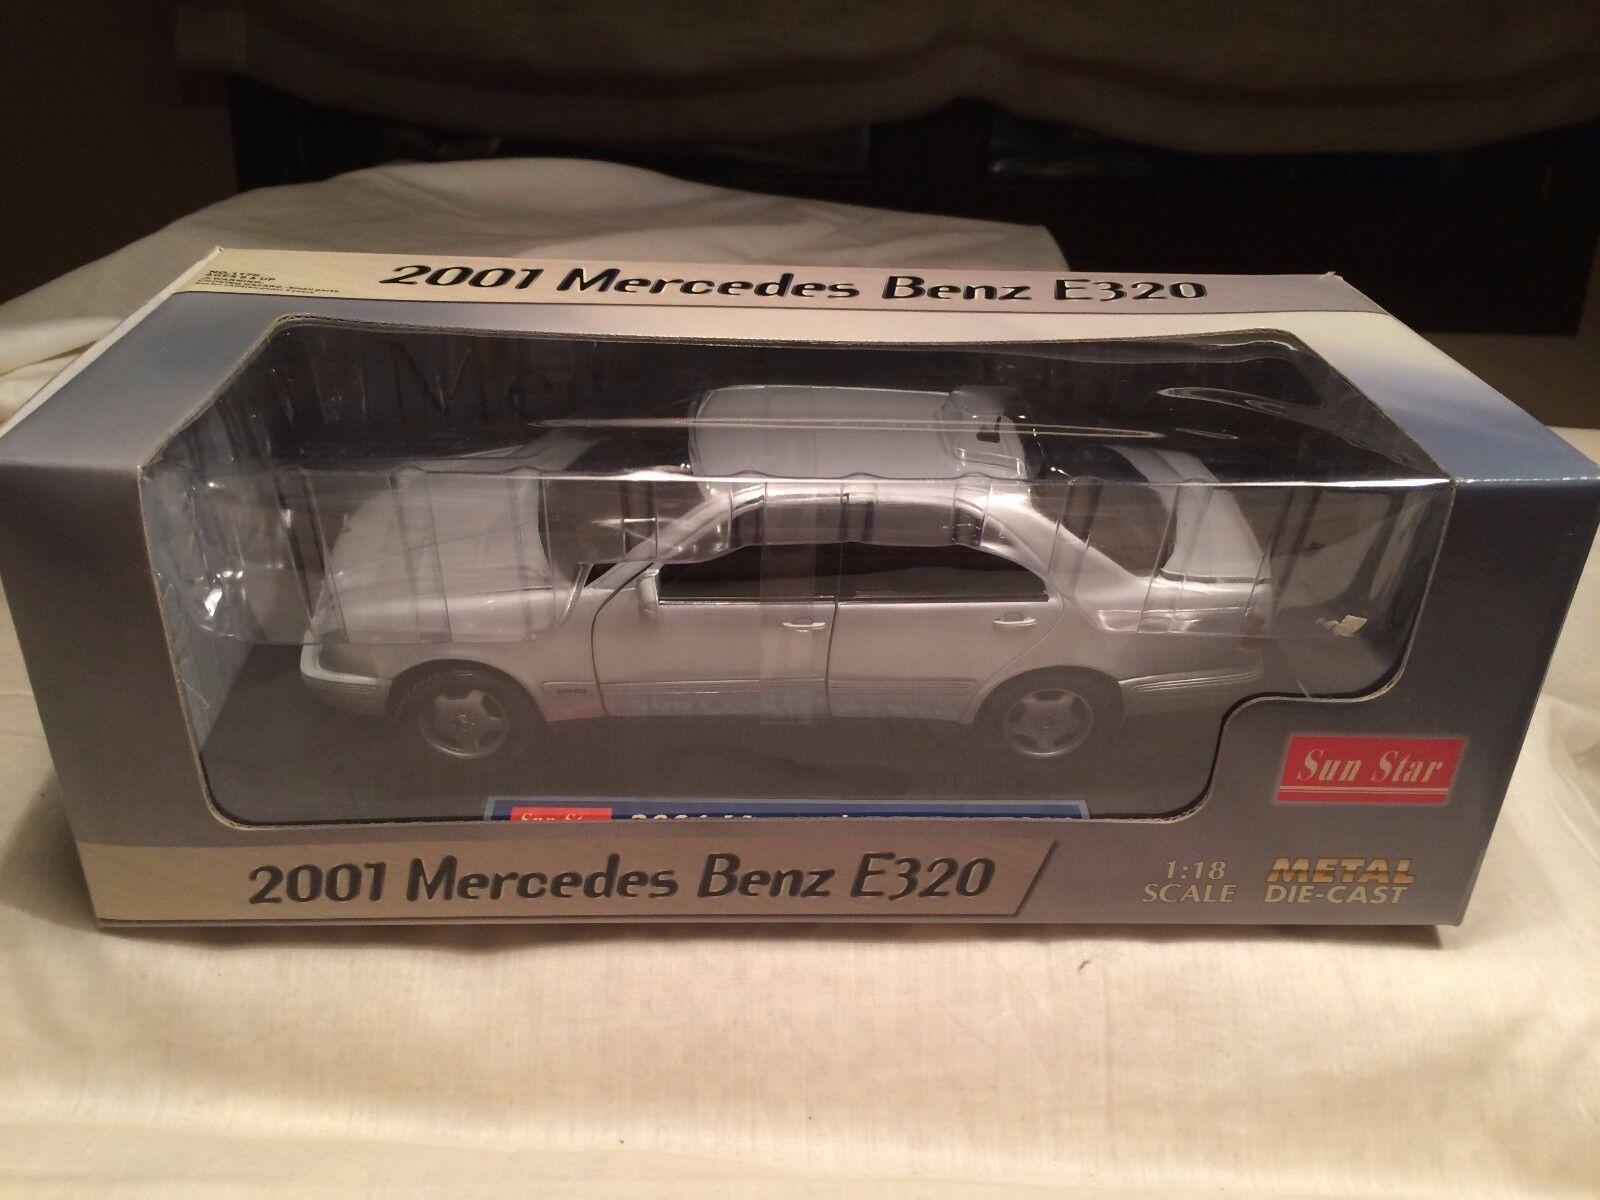 miglior reputazione Mercedes Benz Benz Benz E 320 Sun Estrella 1170 1 18 scale  Garanzia di vestibilità al 100%